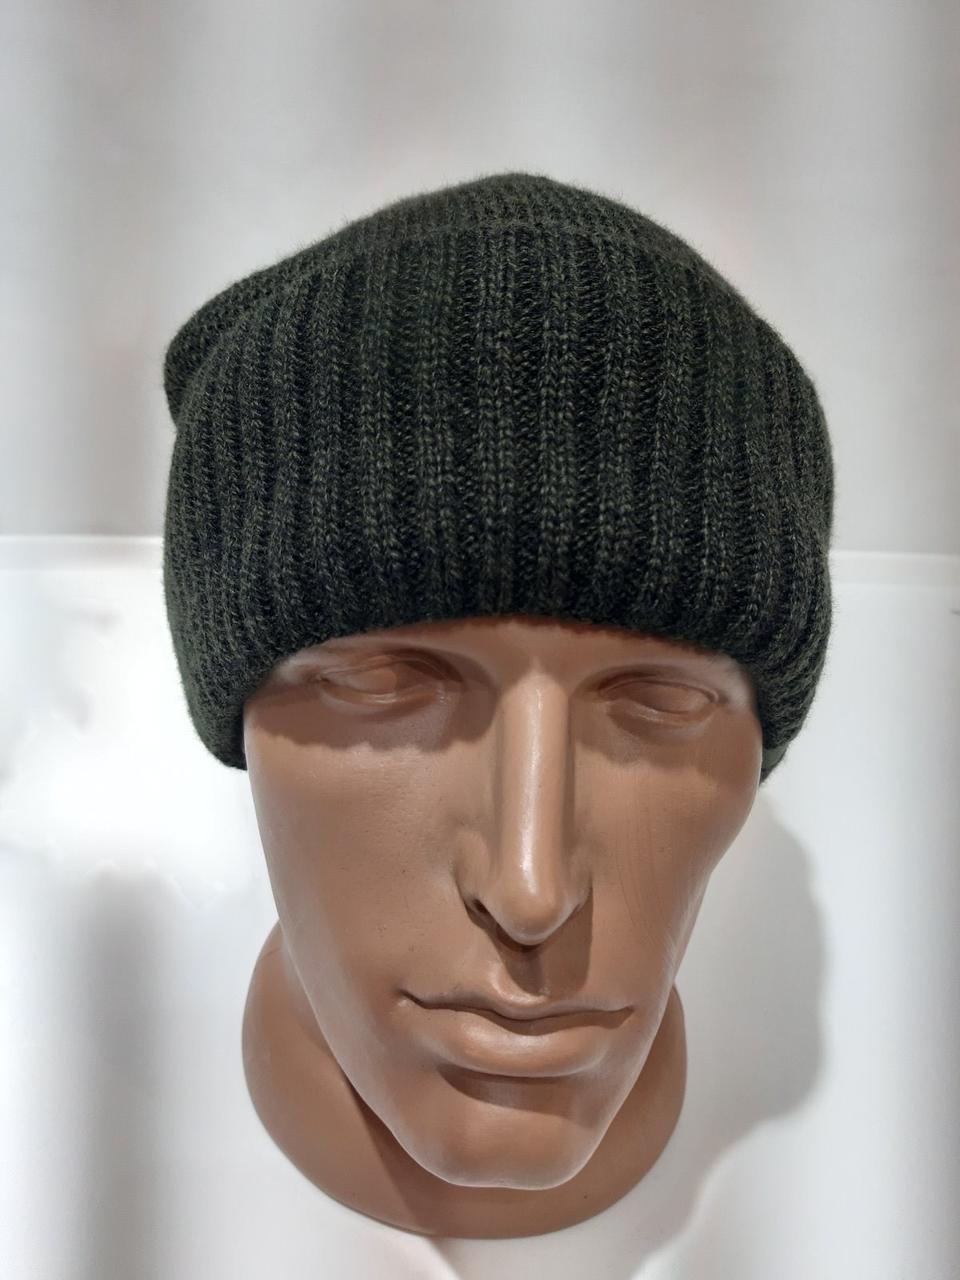 Теплая вязаная мужская шапка на флисе темно-серая с отворотом Турция